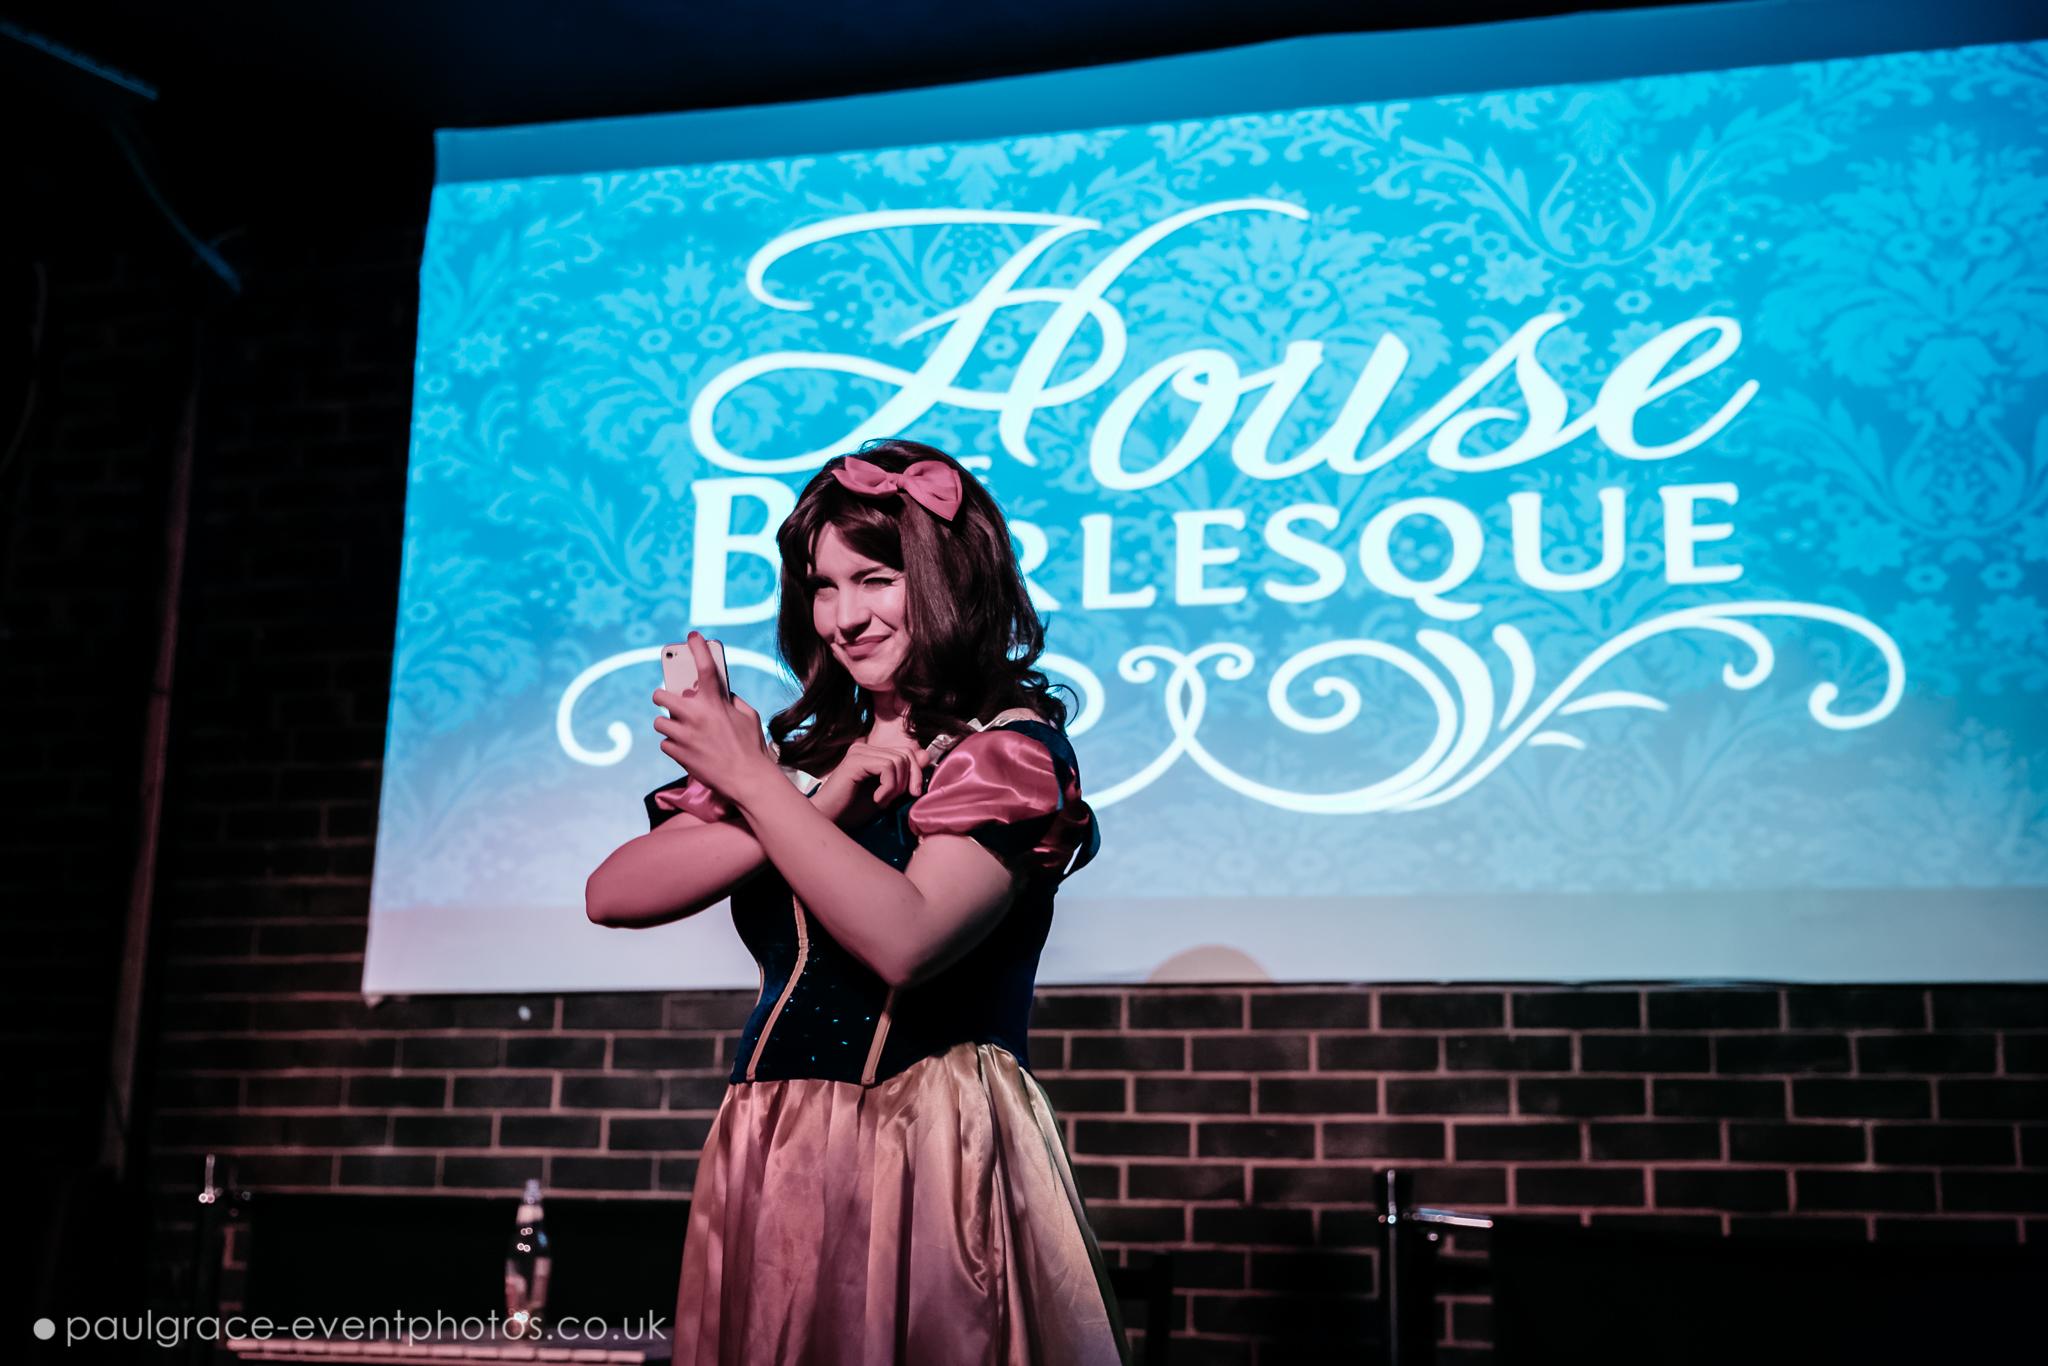 Ruby Corkscrew House of Burlesque 2015 Graduation Show